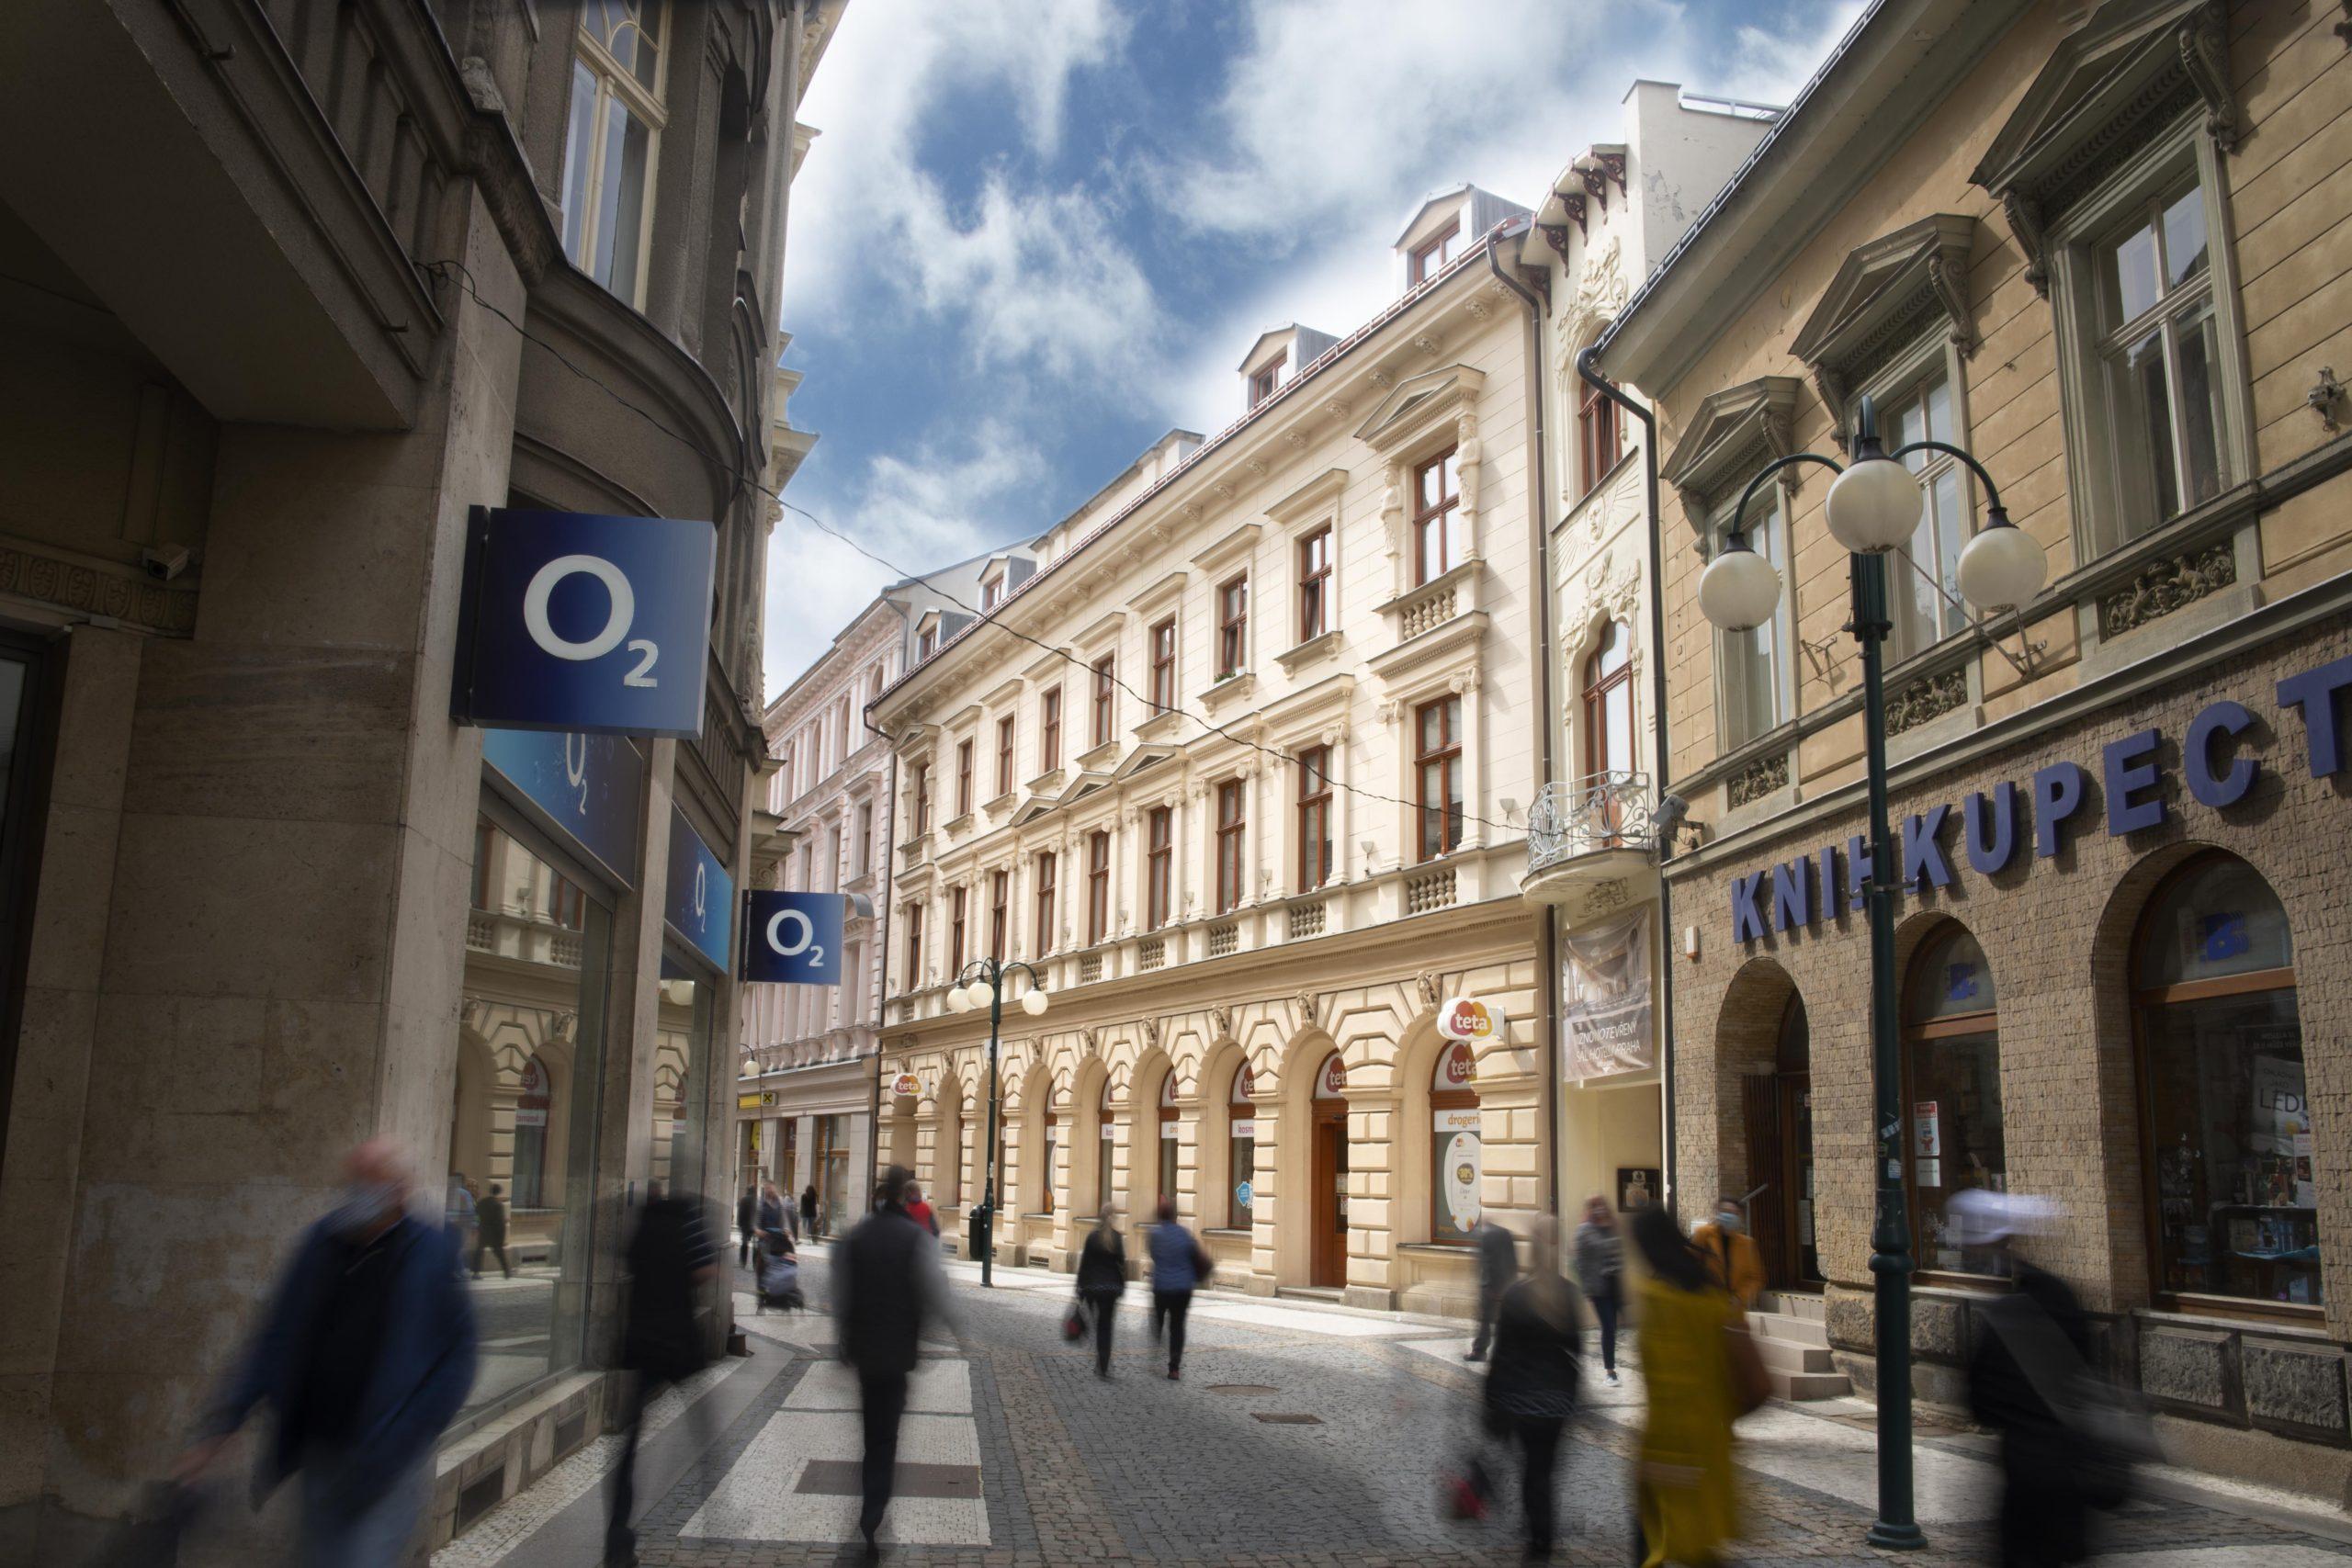 Prostory k bydlení 1KK v centru Jablonce nad Nisou od 1.7.2021